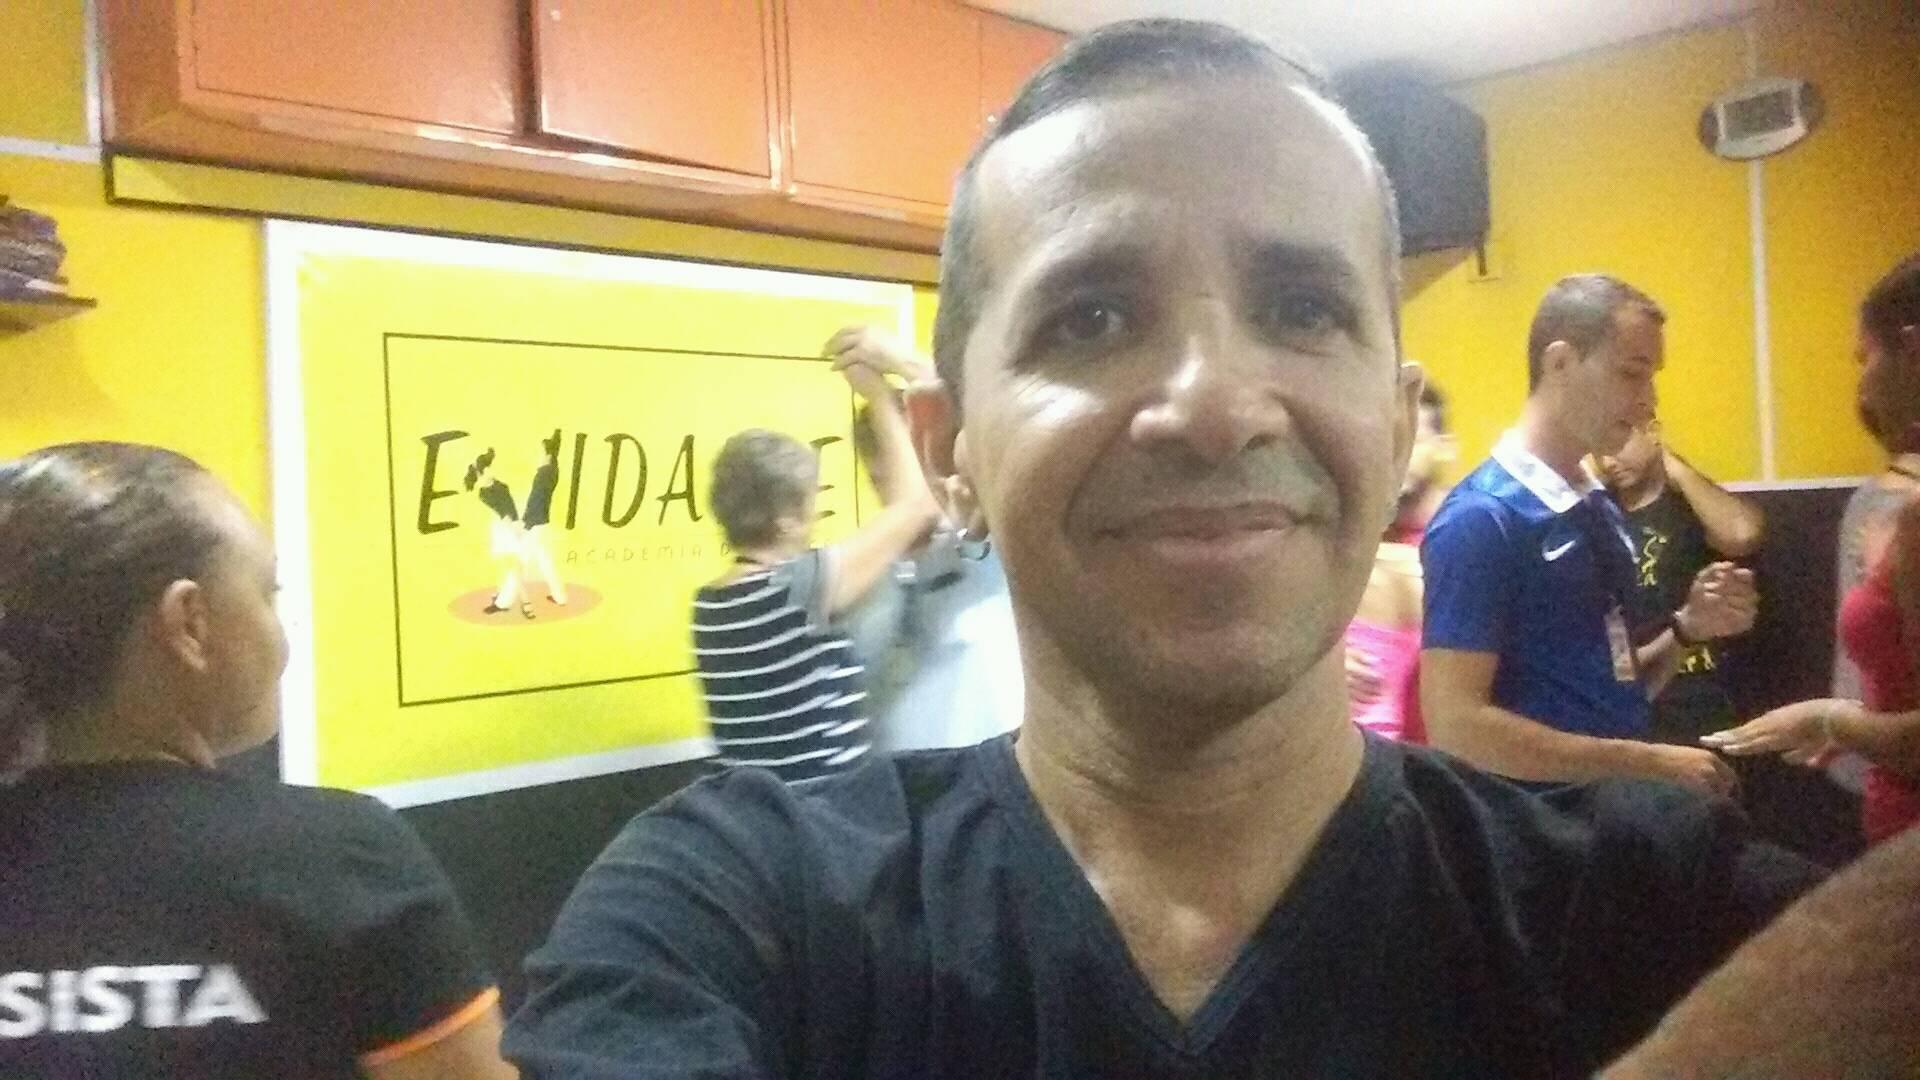 Keuler Alves